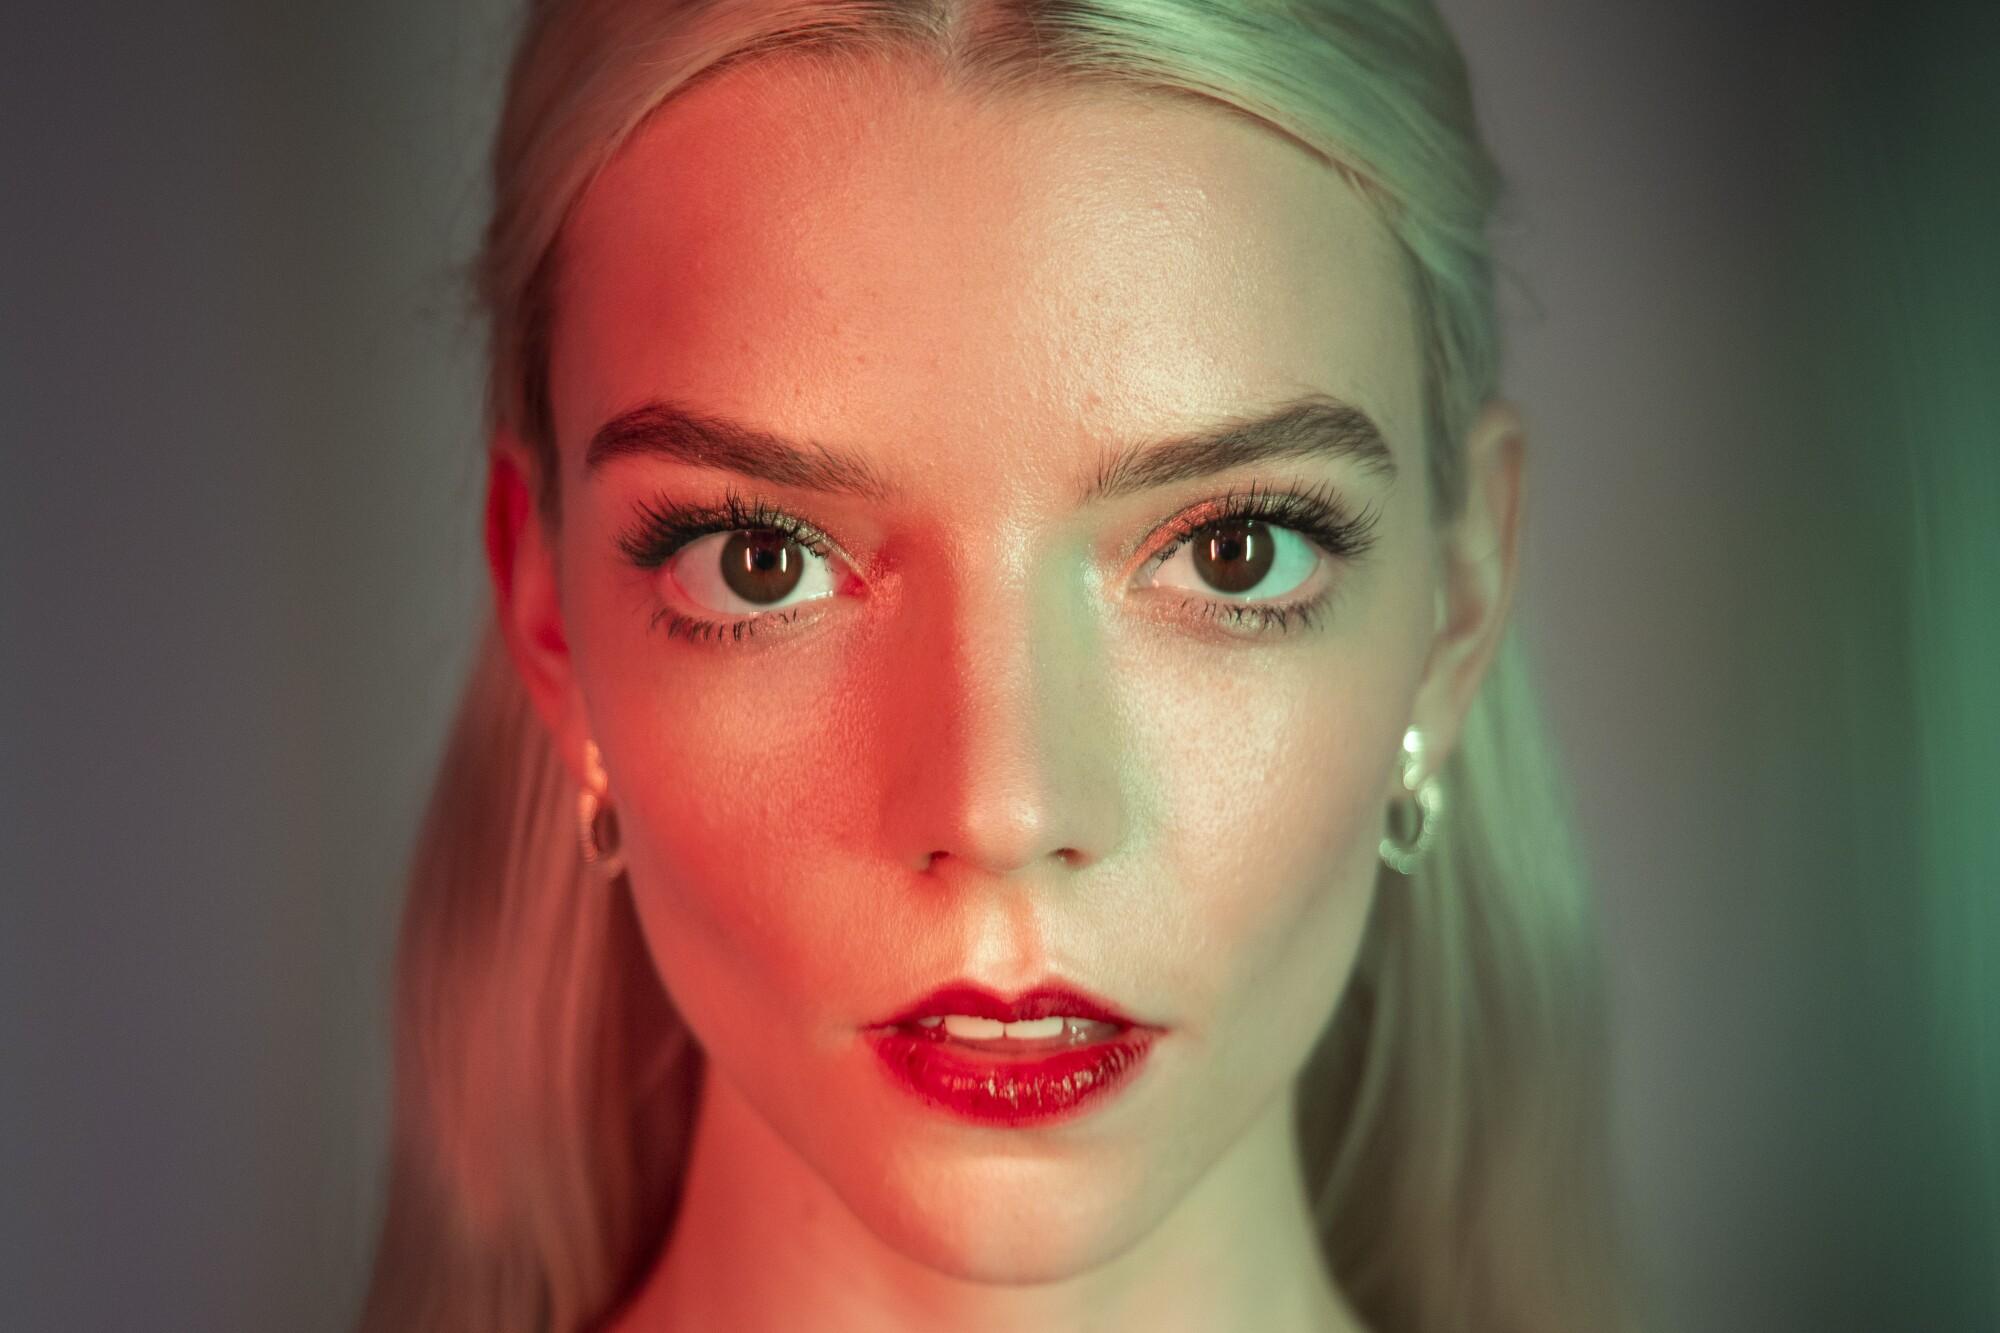 A portrait of Anya Taylor-Joy